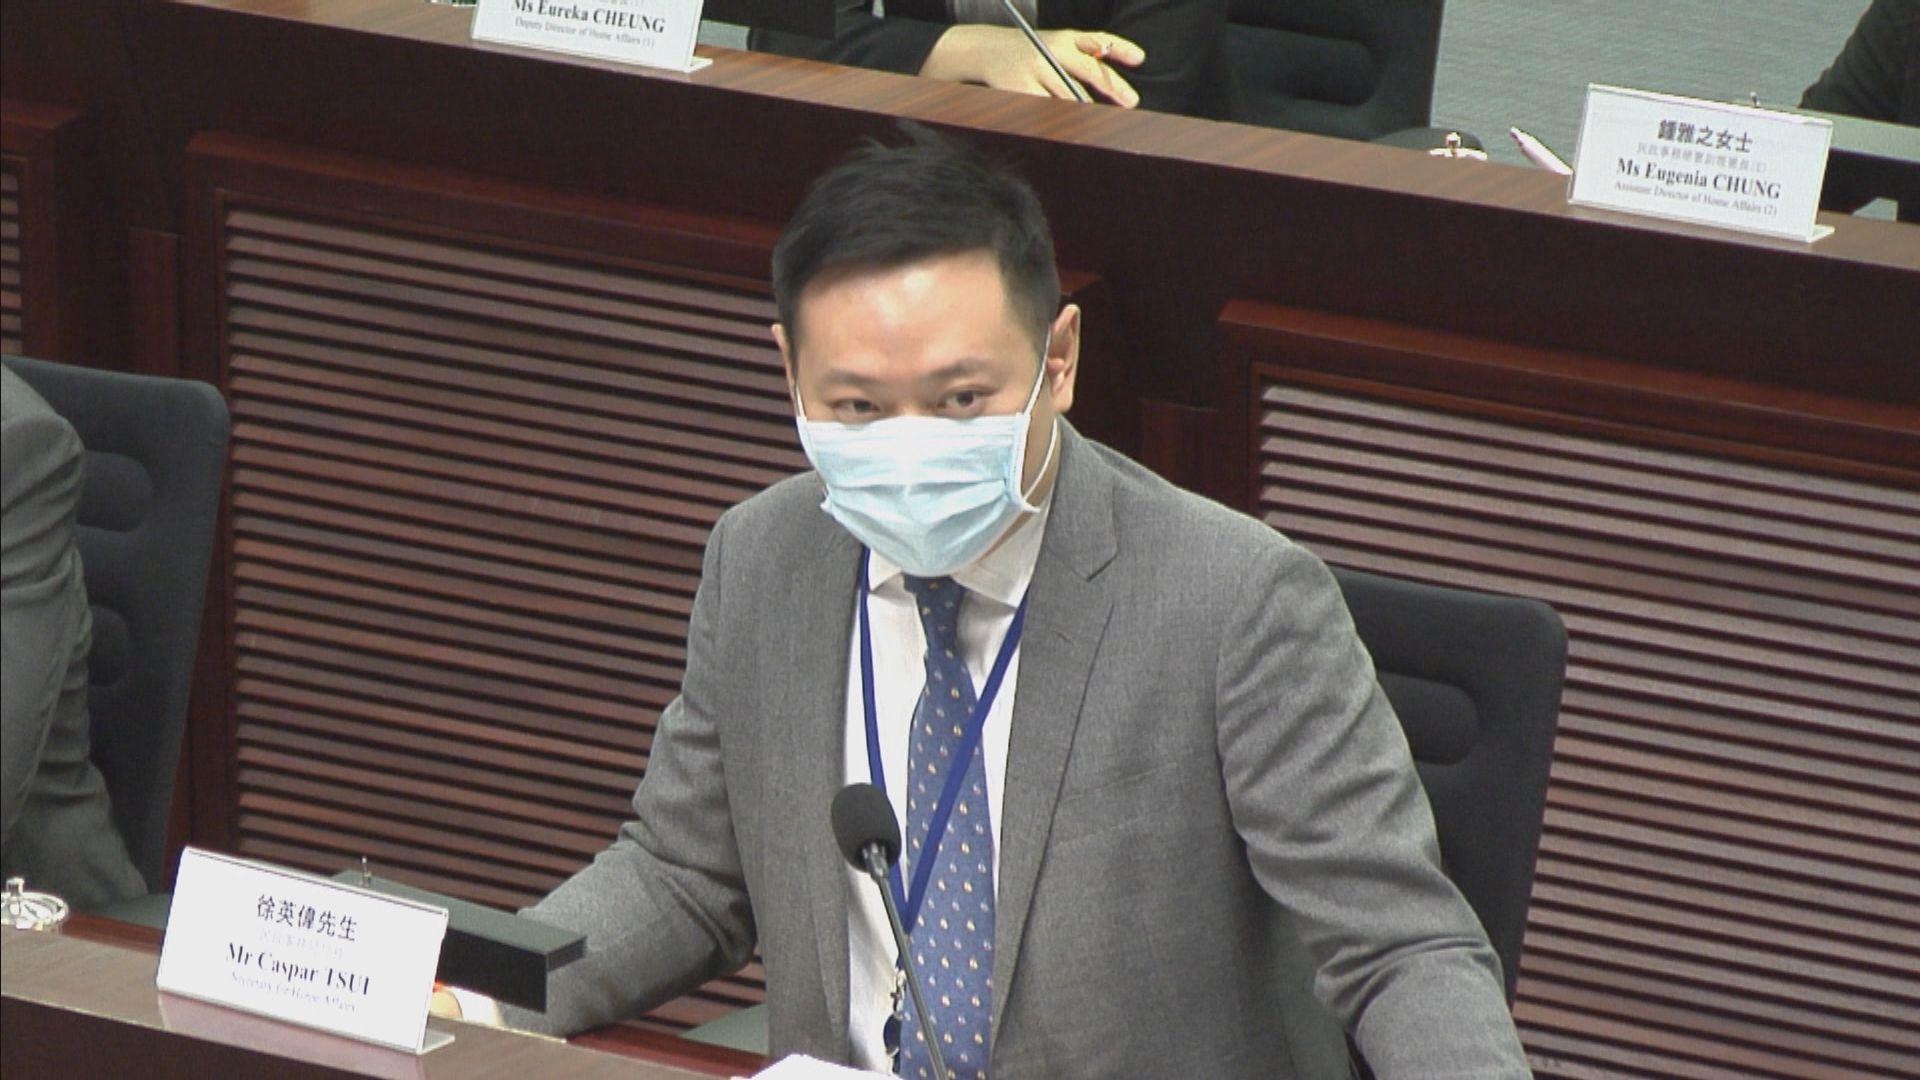 立法會委員會同意暫停區議會地區工程撥款角色